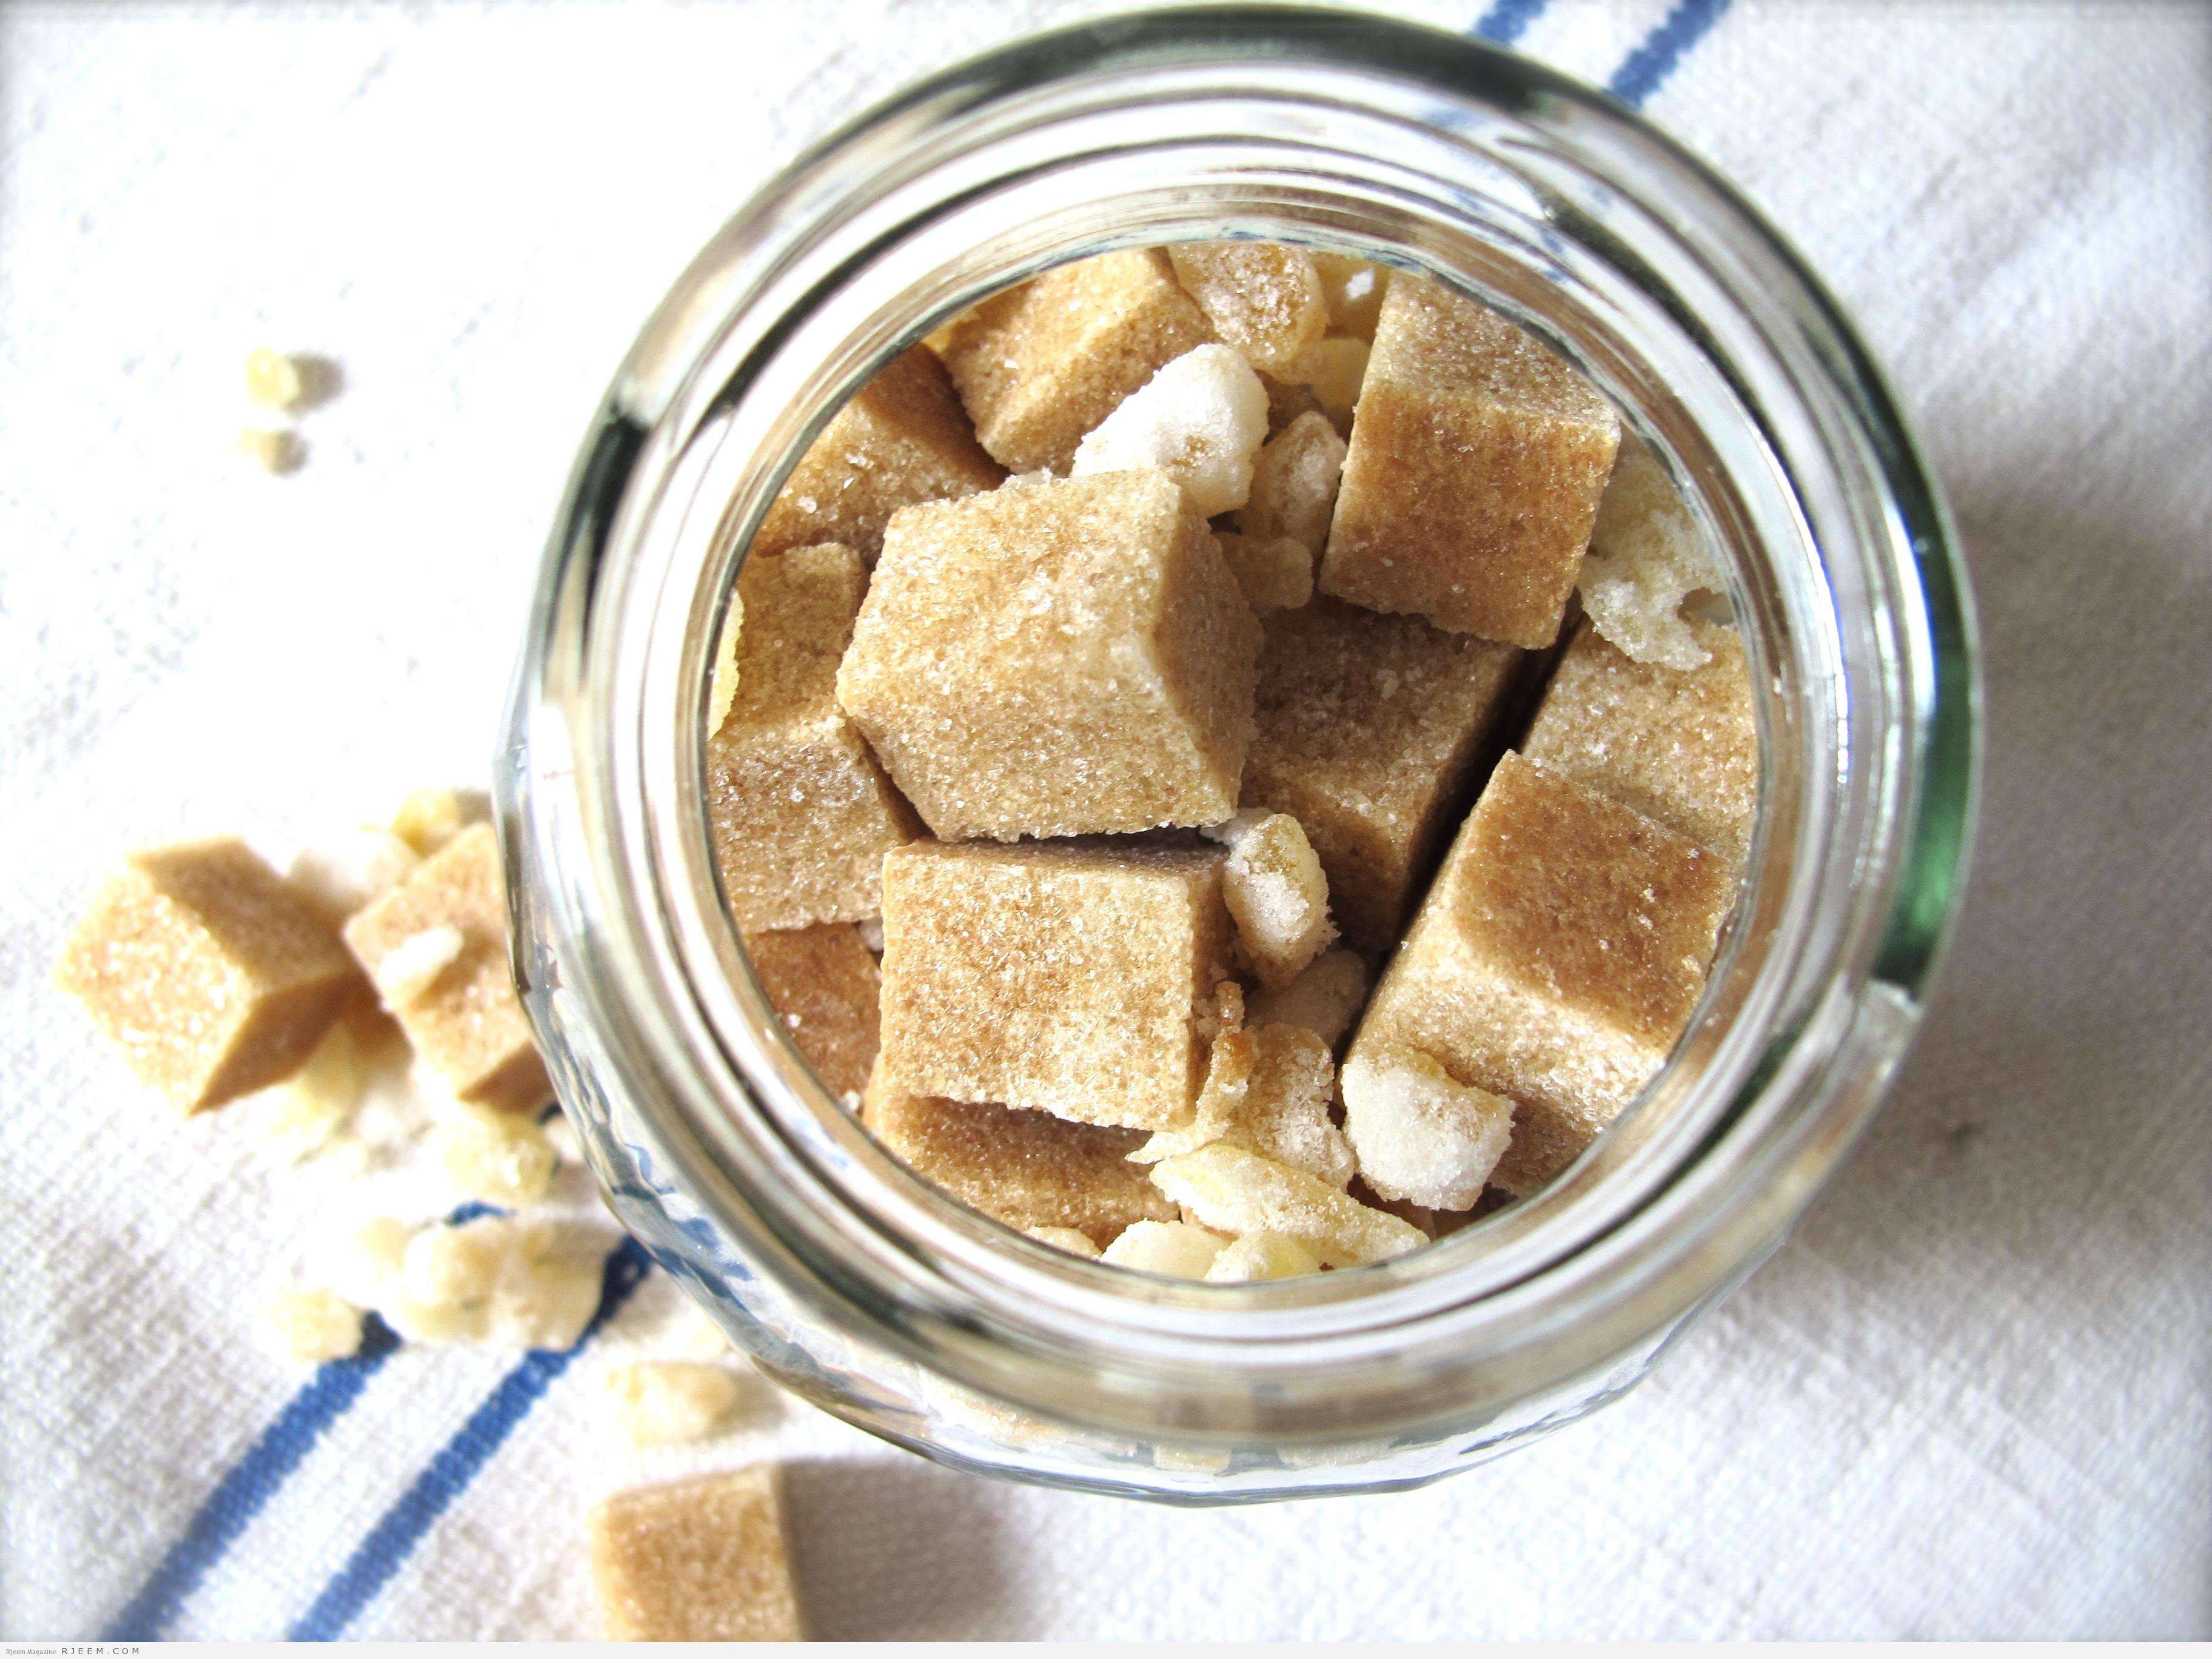 25e6f2cf1 فوائد السكر البني - الفرق بين السكر الابيض والبني - مجلة رجيم